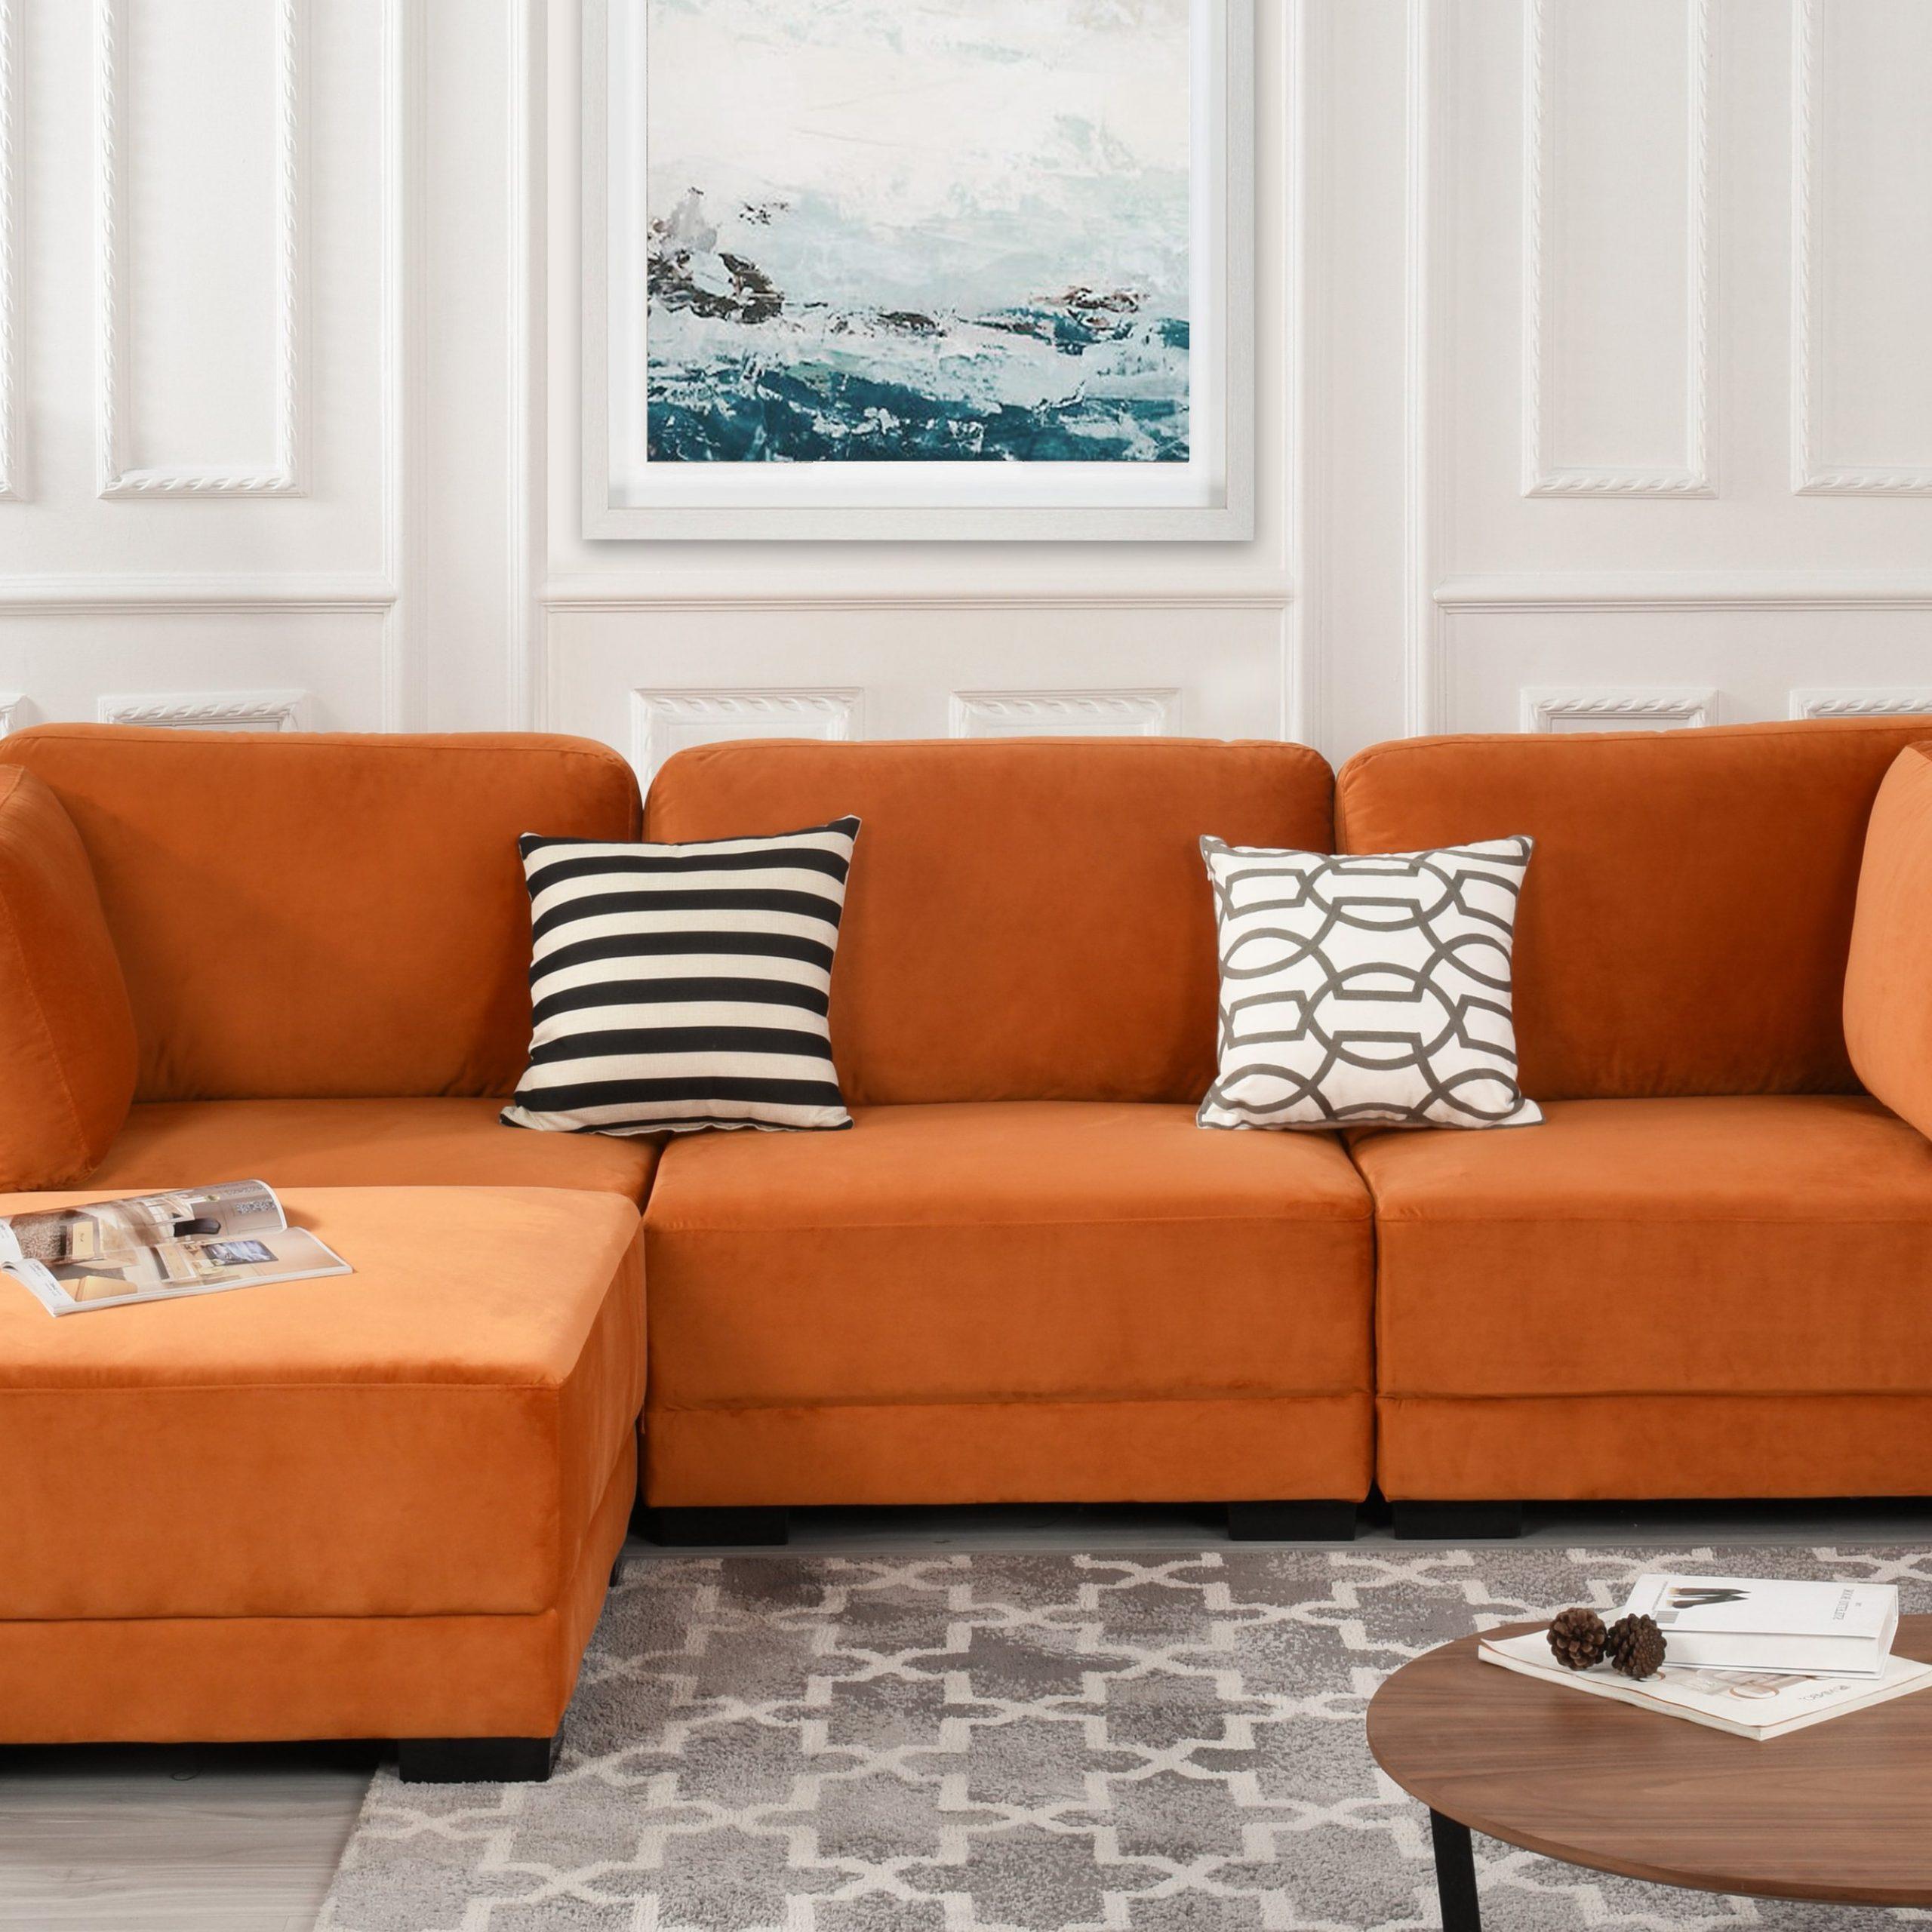 Florence Mid Century Modern Velvet Left Sectional Sofas Intended For Trendy Orange Upholstered Velvet Sectional Sofa, L Shape Modern (View 8 of 20)